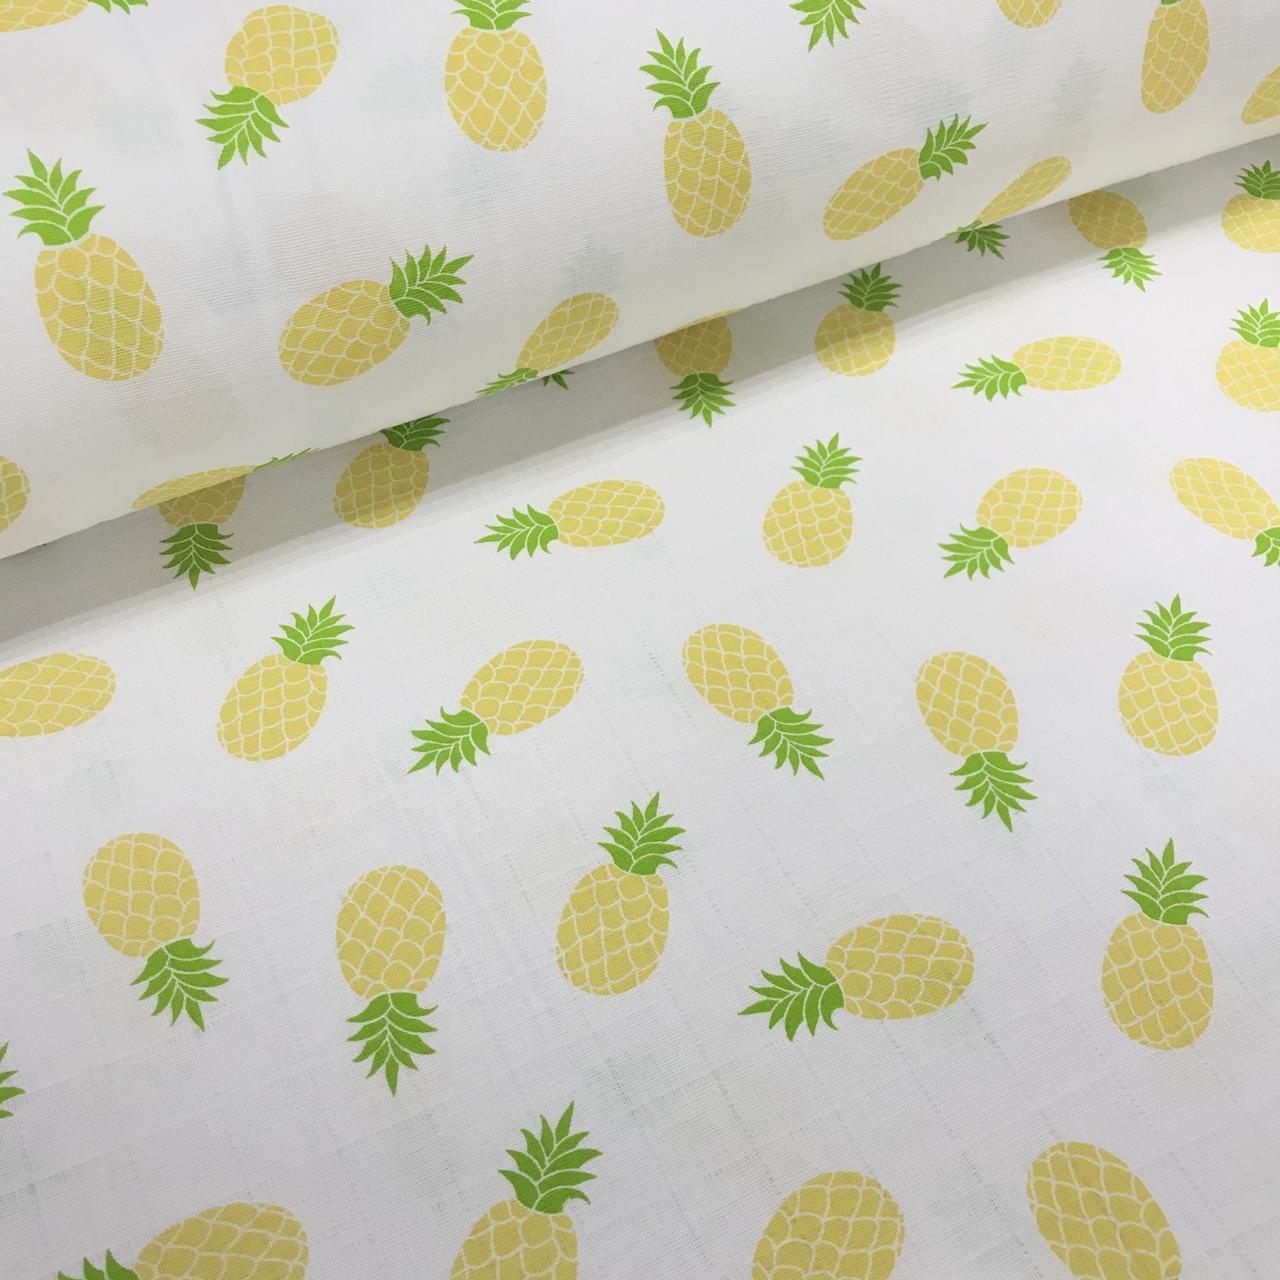 Ткань муслин Двухслойная ананасы на белом (шир. 1,6 м)